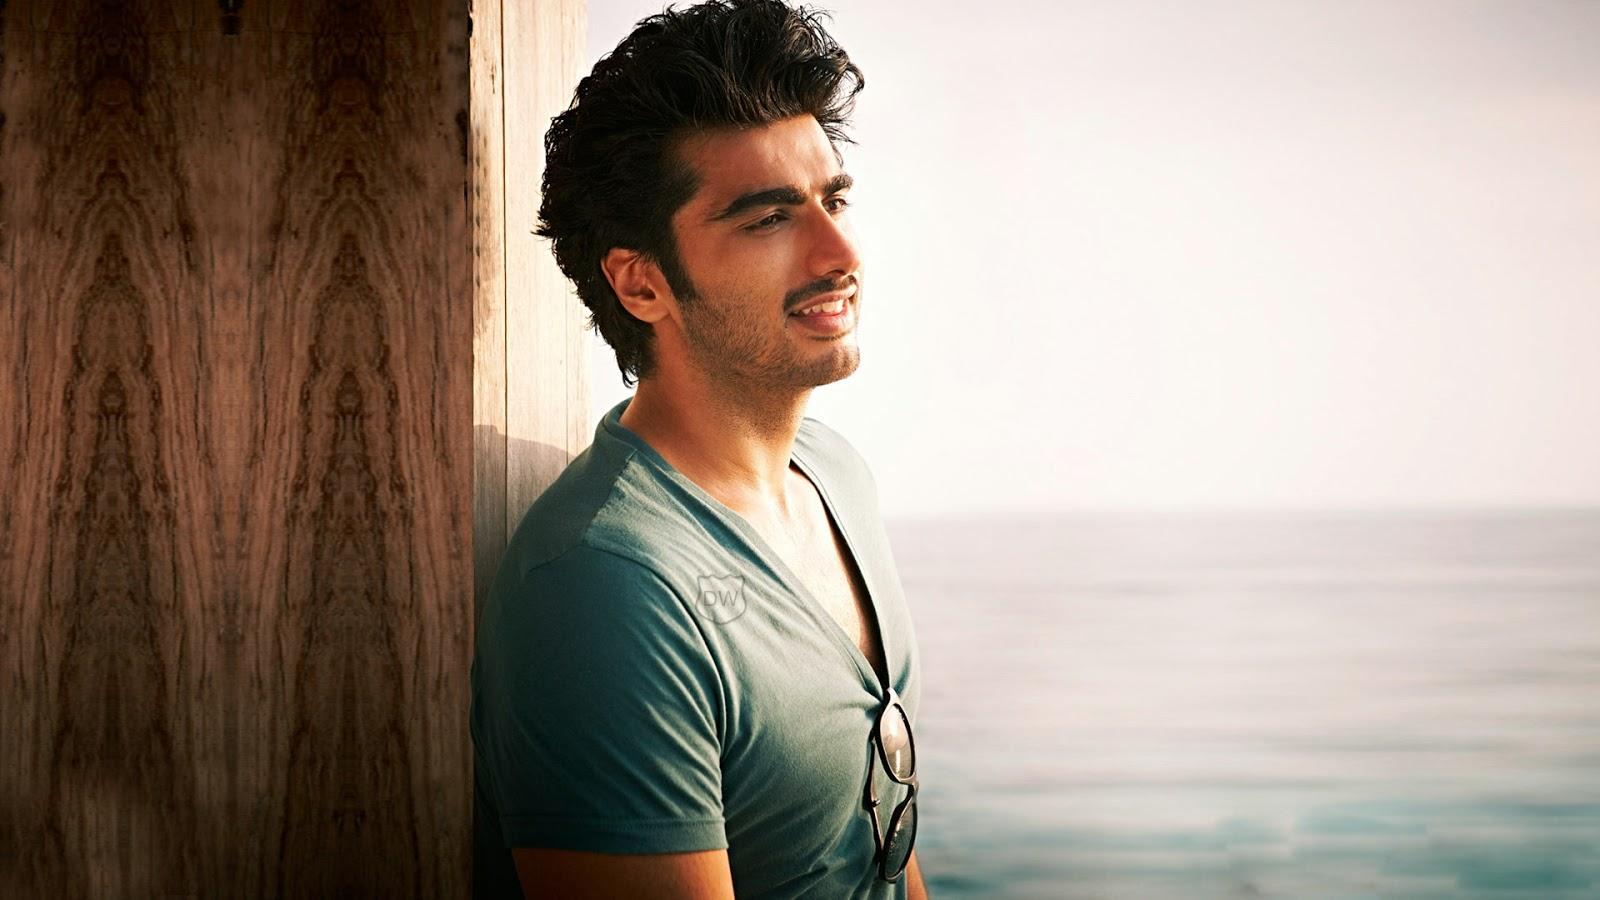 Download cute arjun kapoor smile hd wallpaper latest hd wallpaper - Dashing Arjun Kapoor Wallpaper